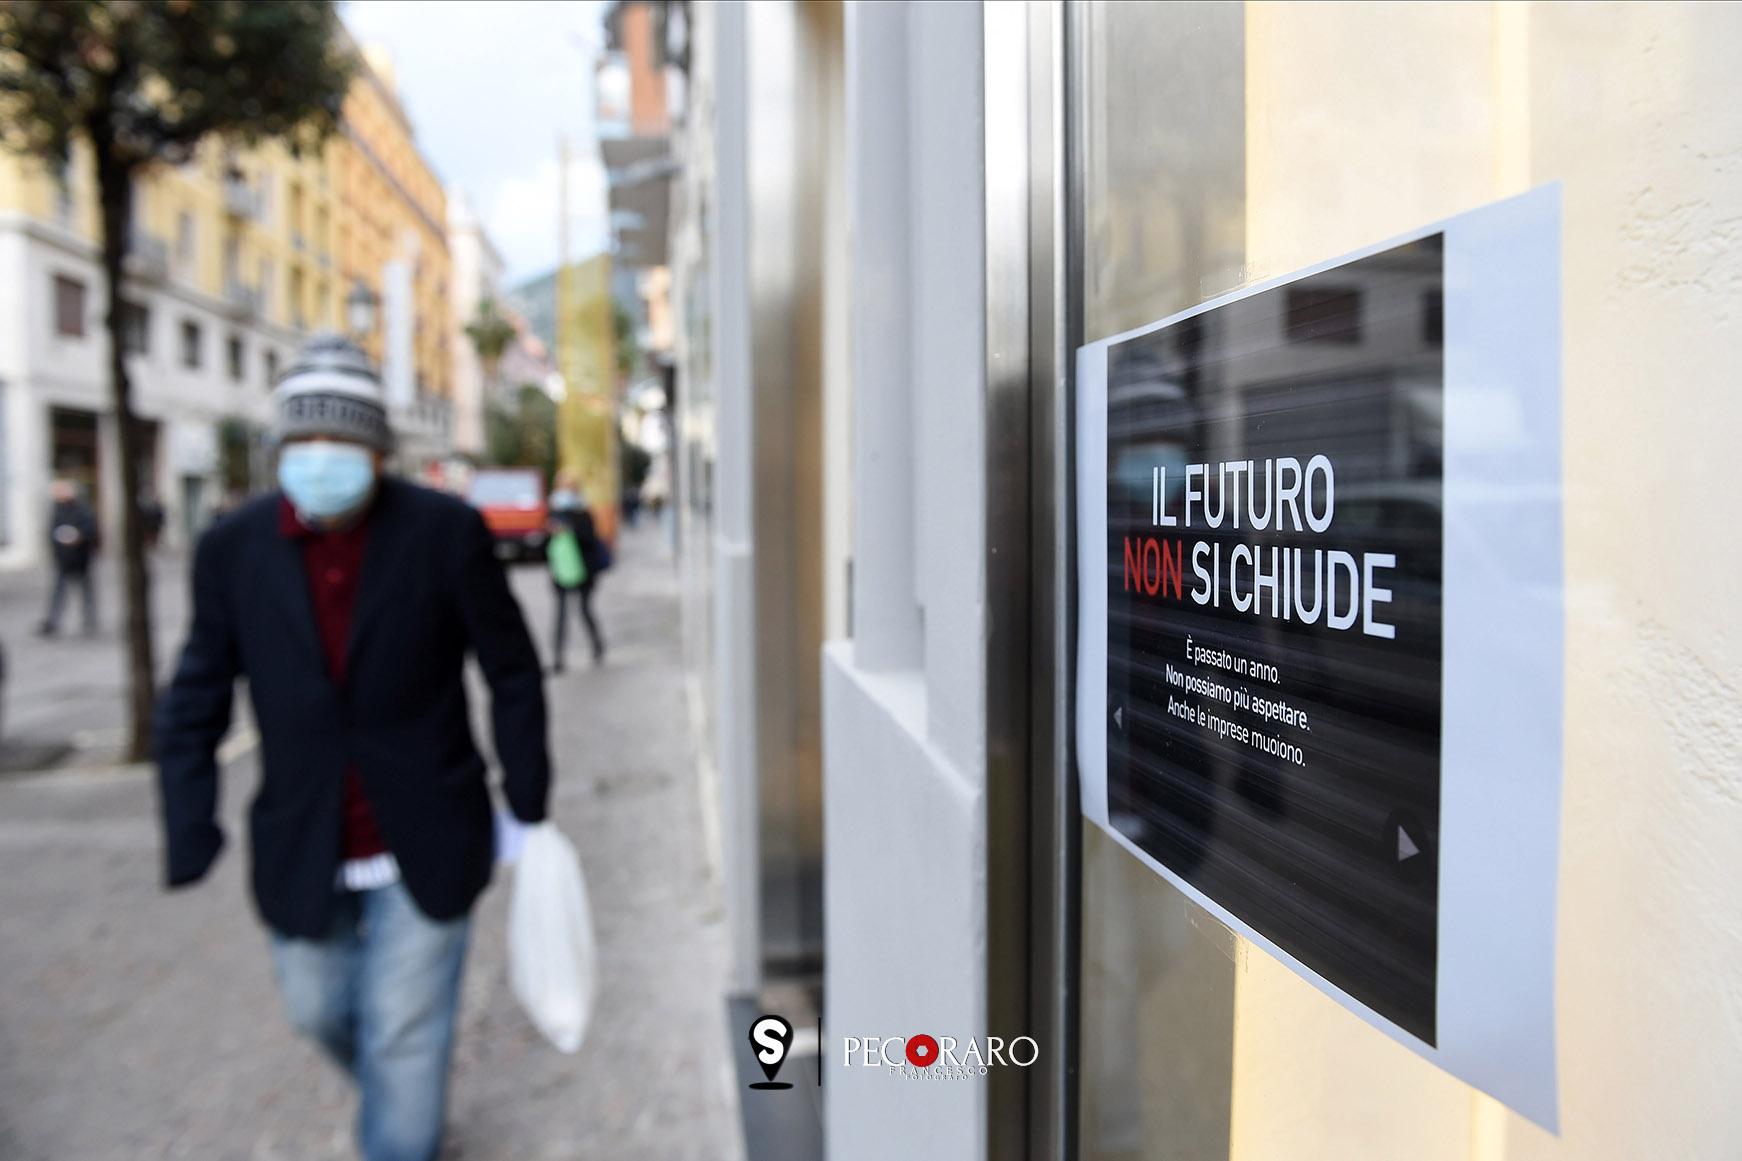 Apertura dei negoio nonostante il divieto.